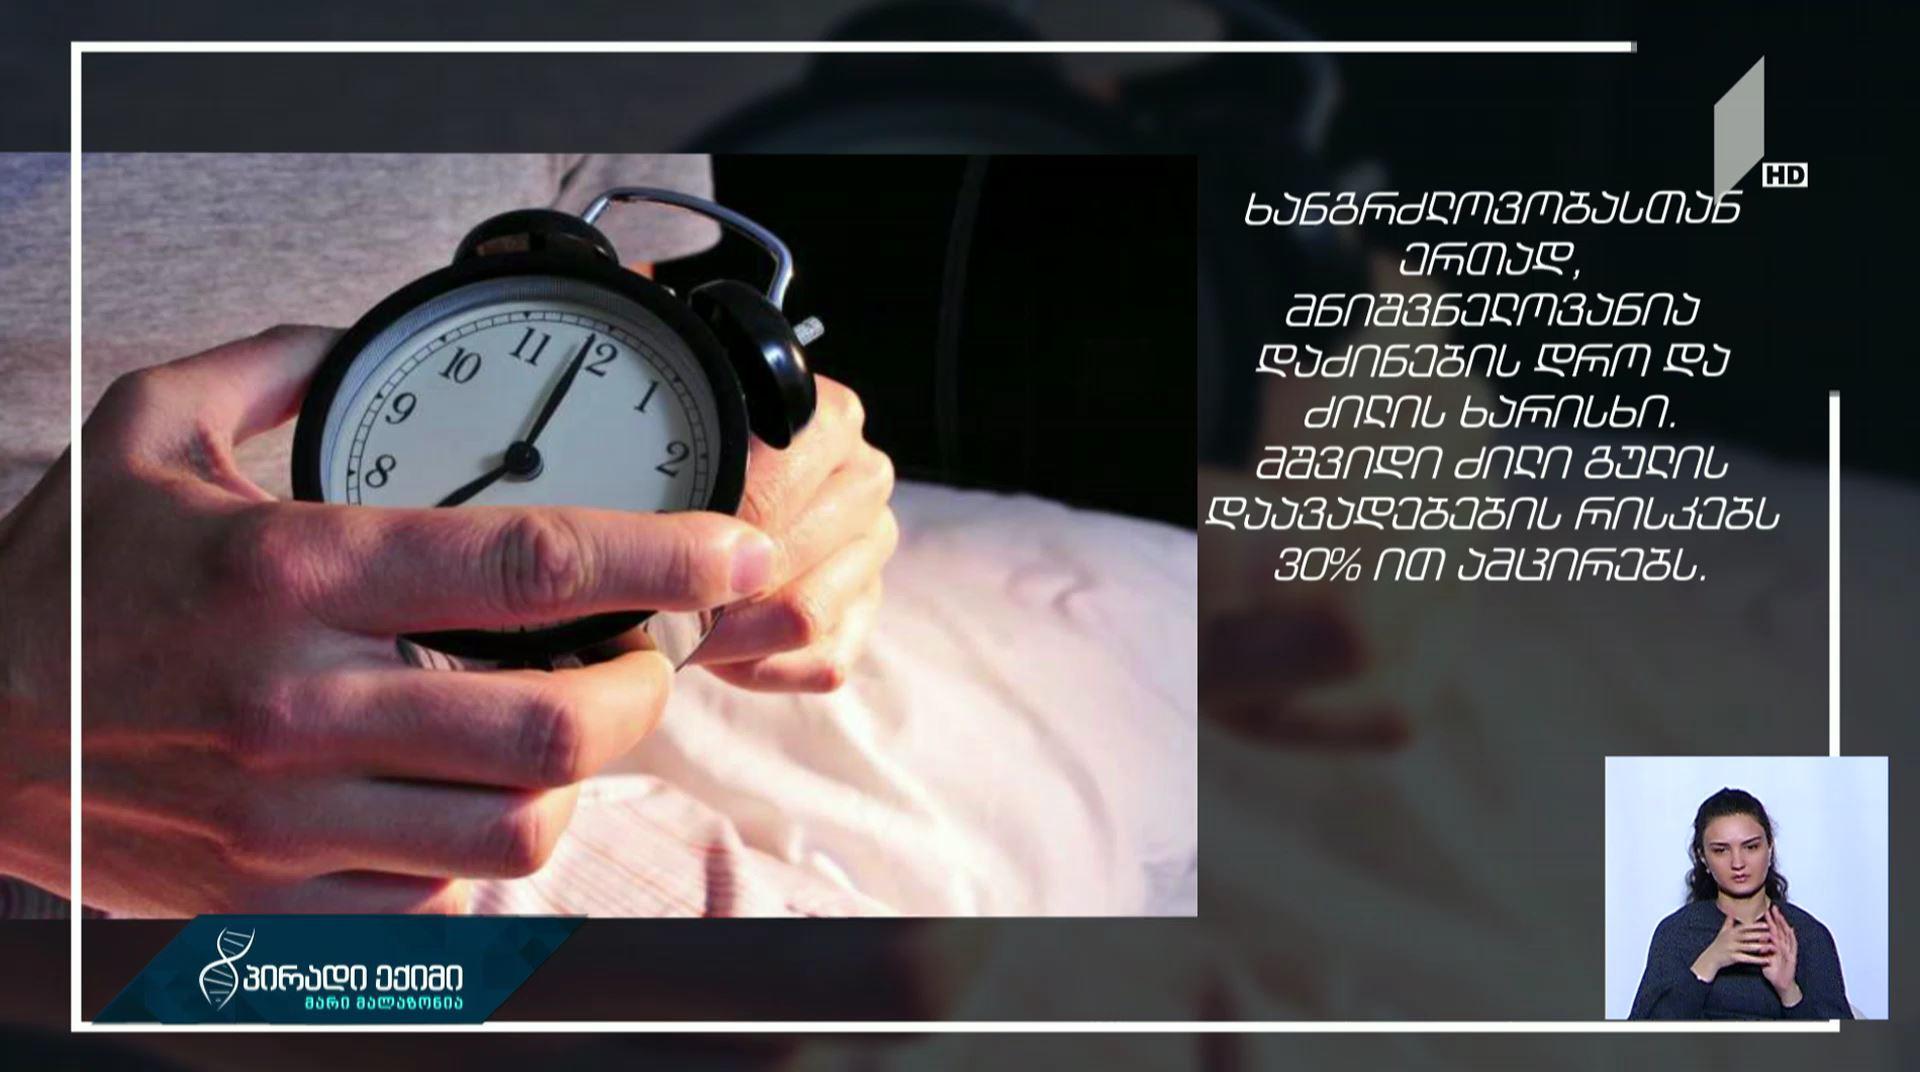 #პირადიექიმი ექვს საათზე ნაკლები ძილი გულ-სისხლძარღვთა დაავადების რისკს ზრდის